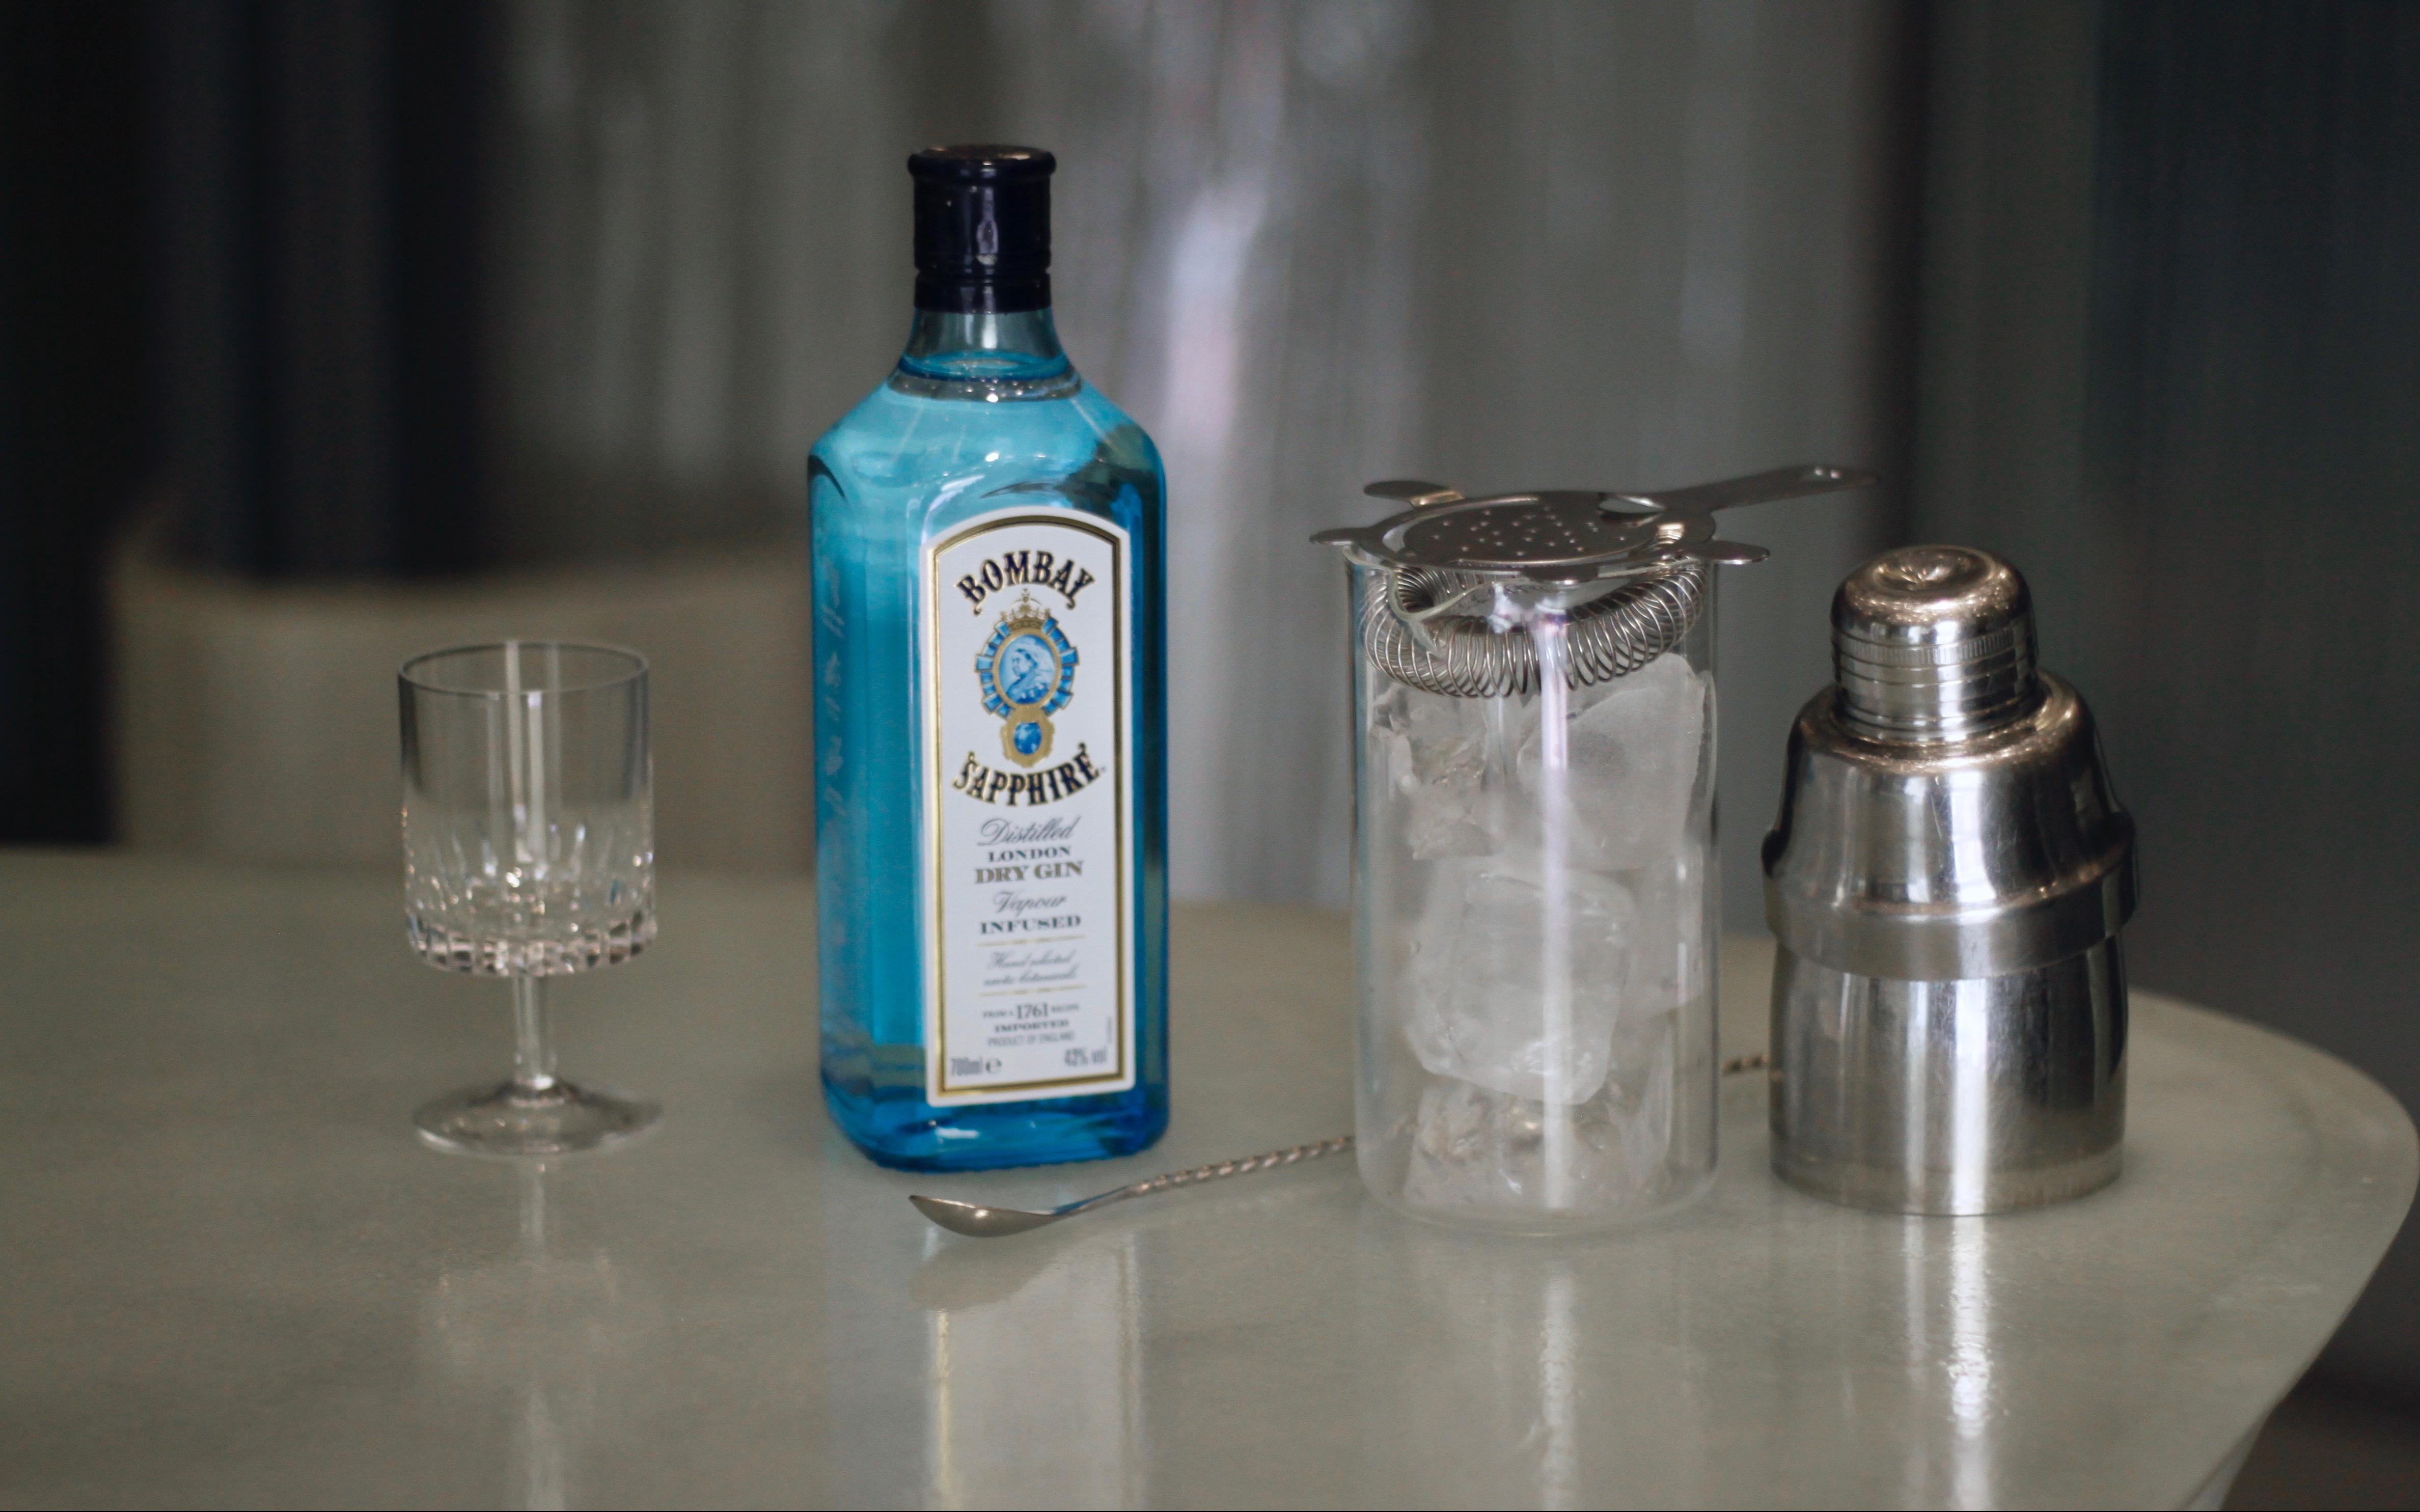 Remueve tu Creatividad con Bombay Sapphire: Marc Álvarez, un genio de la coctelería